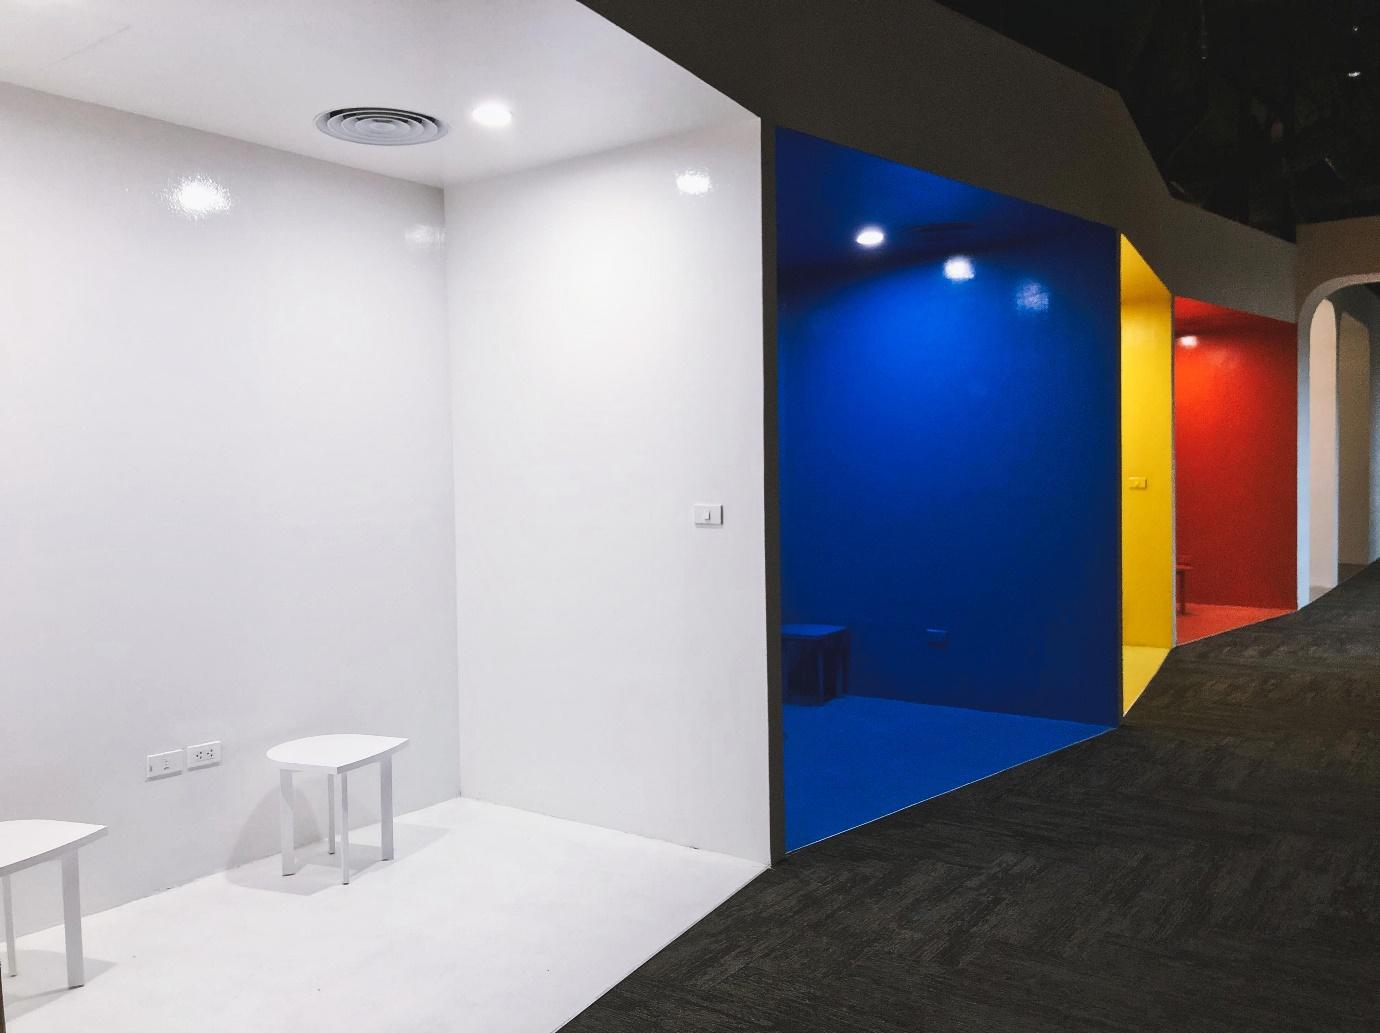 Apec Coworking Space: Không gian làm việc trong mơ của giới văn phòng  - Ảnh 4